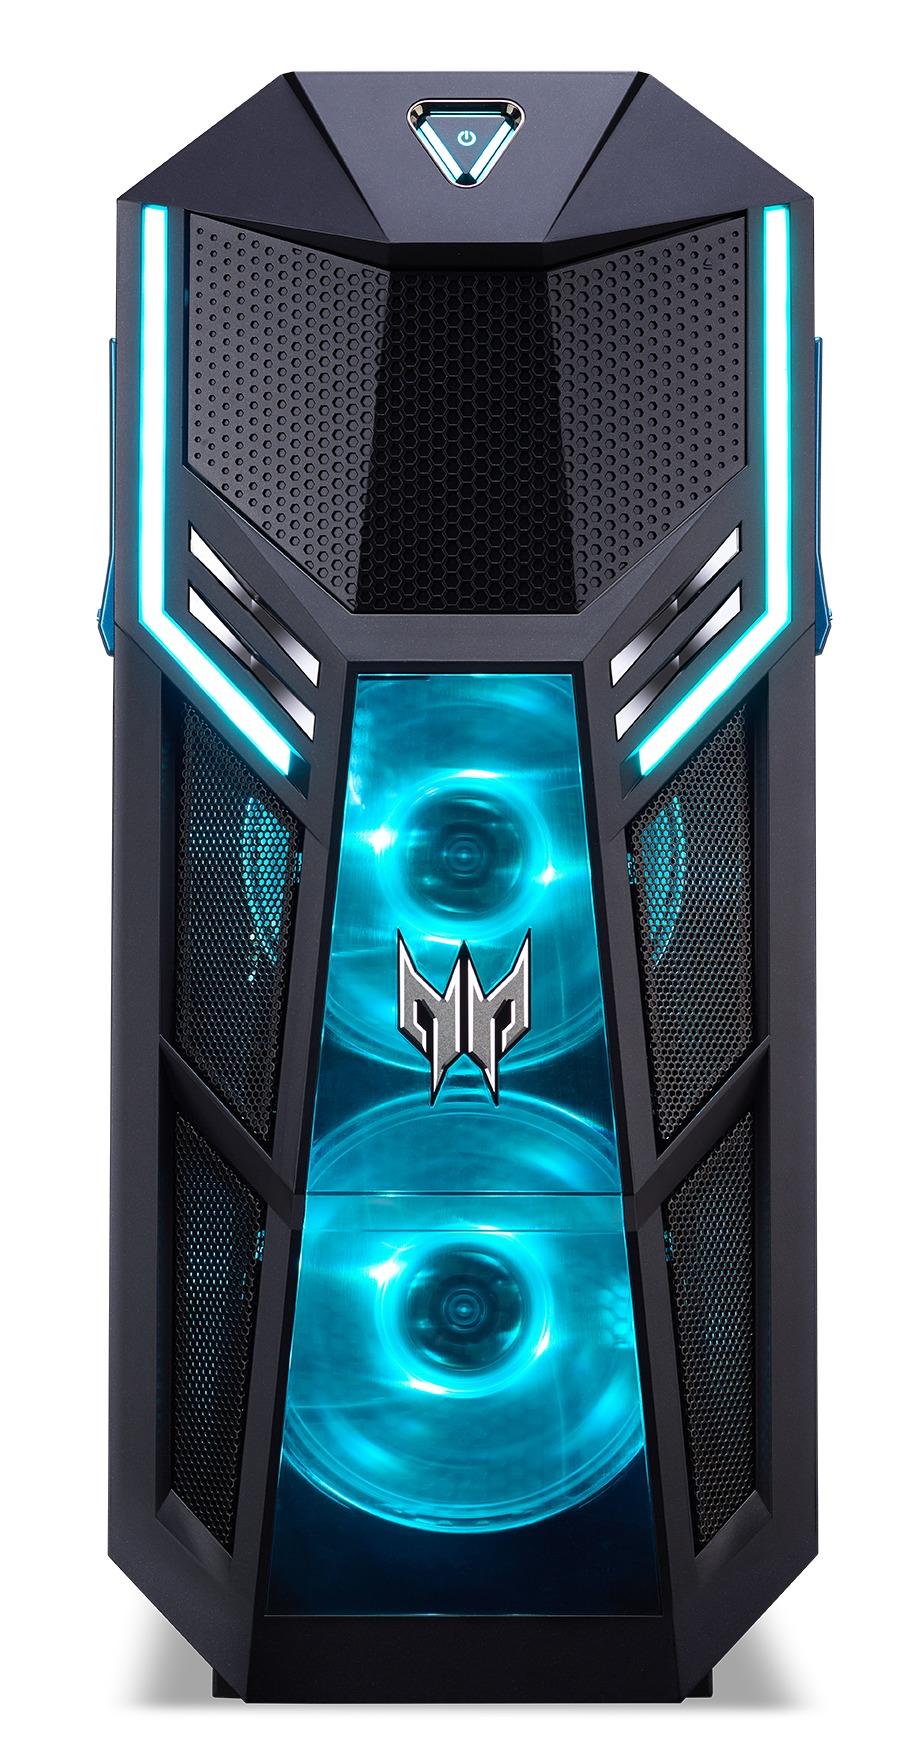 Afbeelding van Acer desktop Predator Orion 5000 605s I9102 zwart